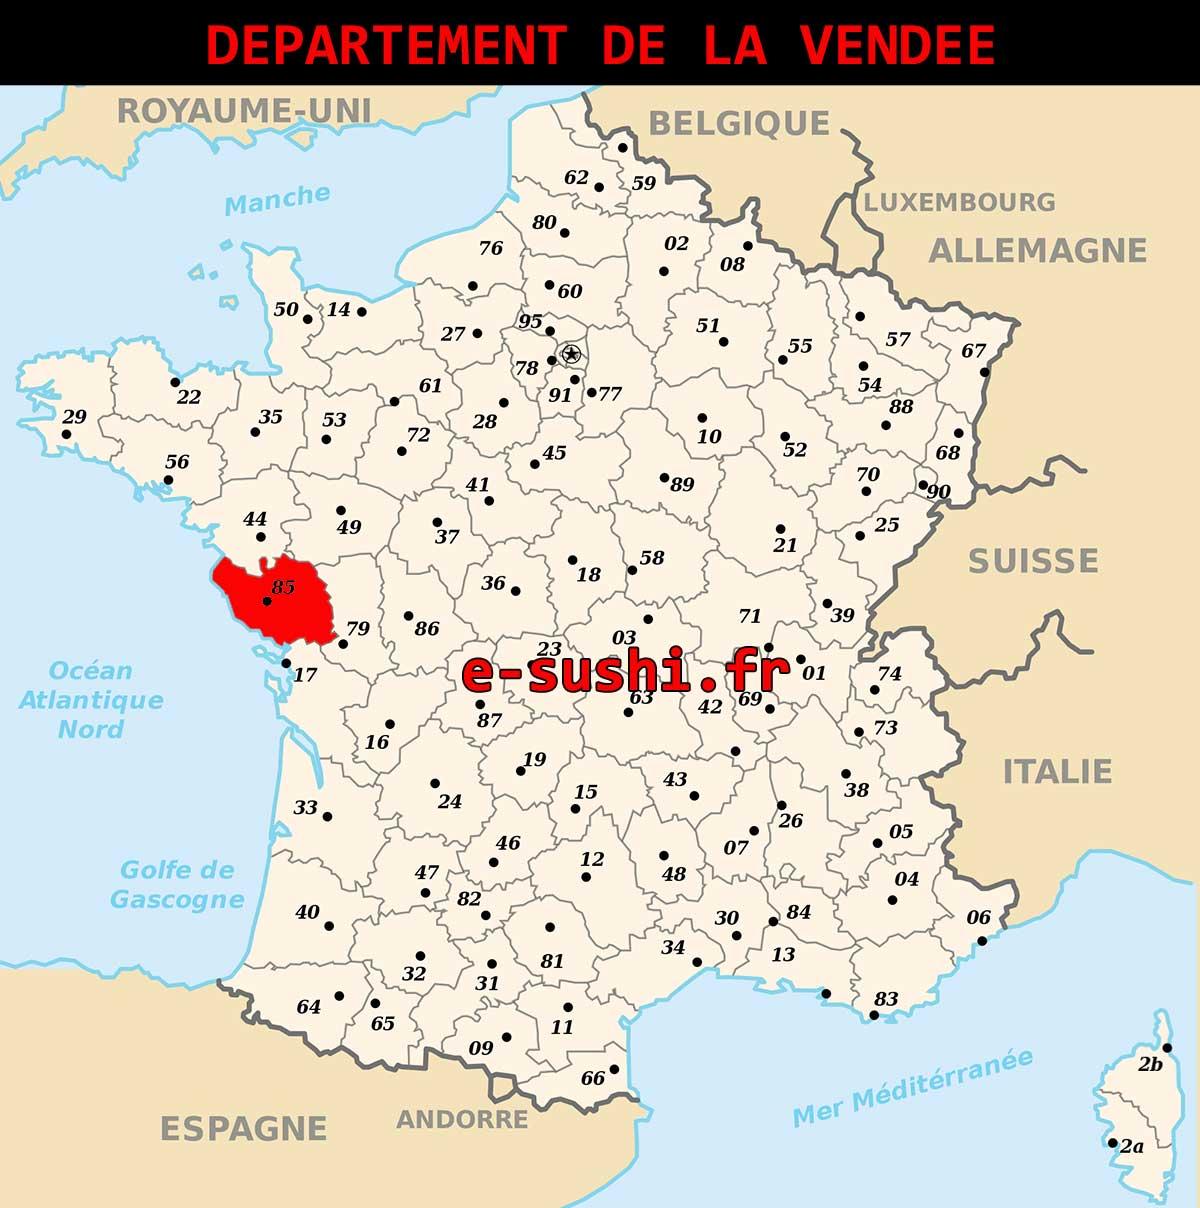 Département de la Vendée 85